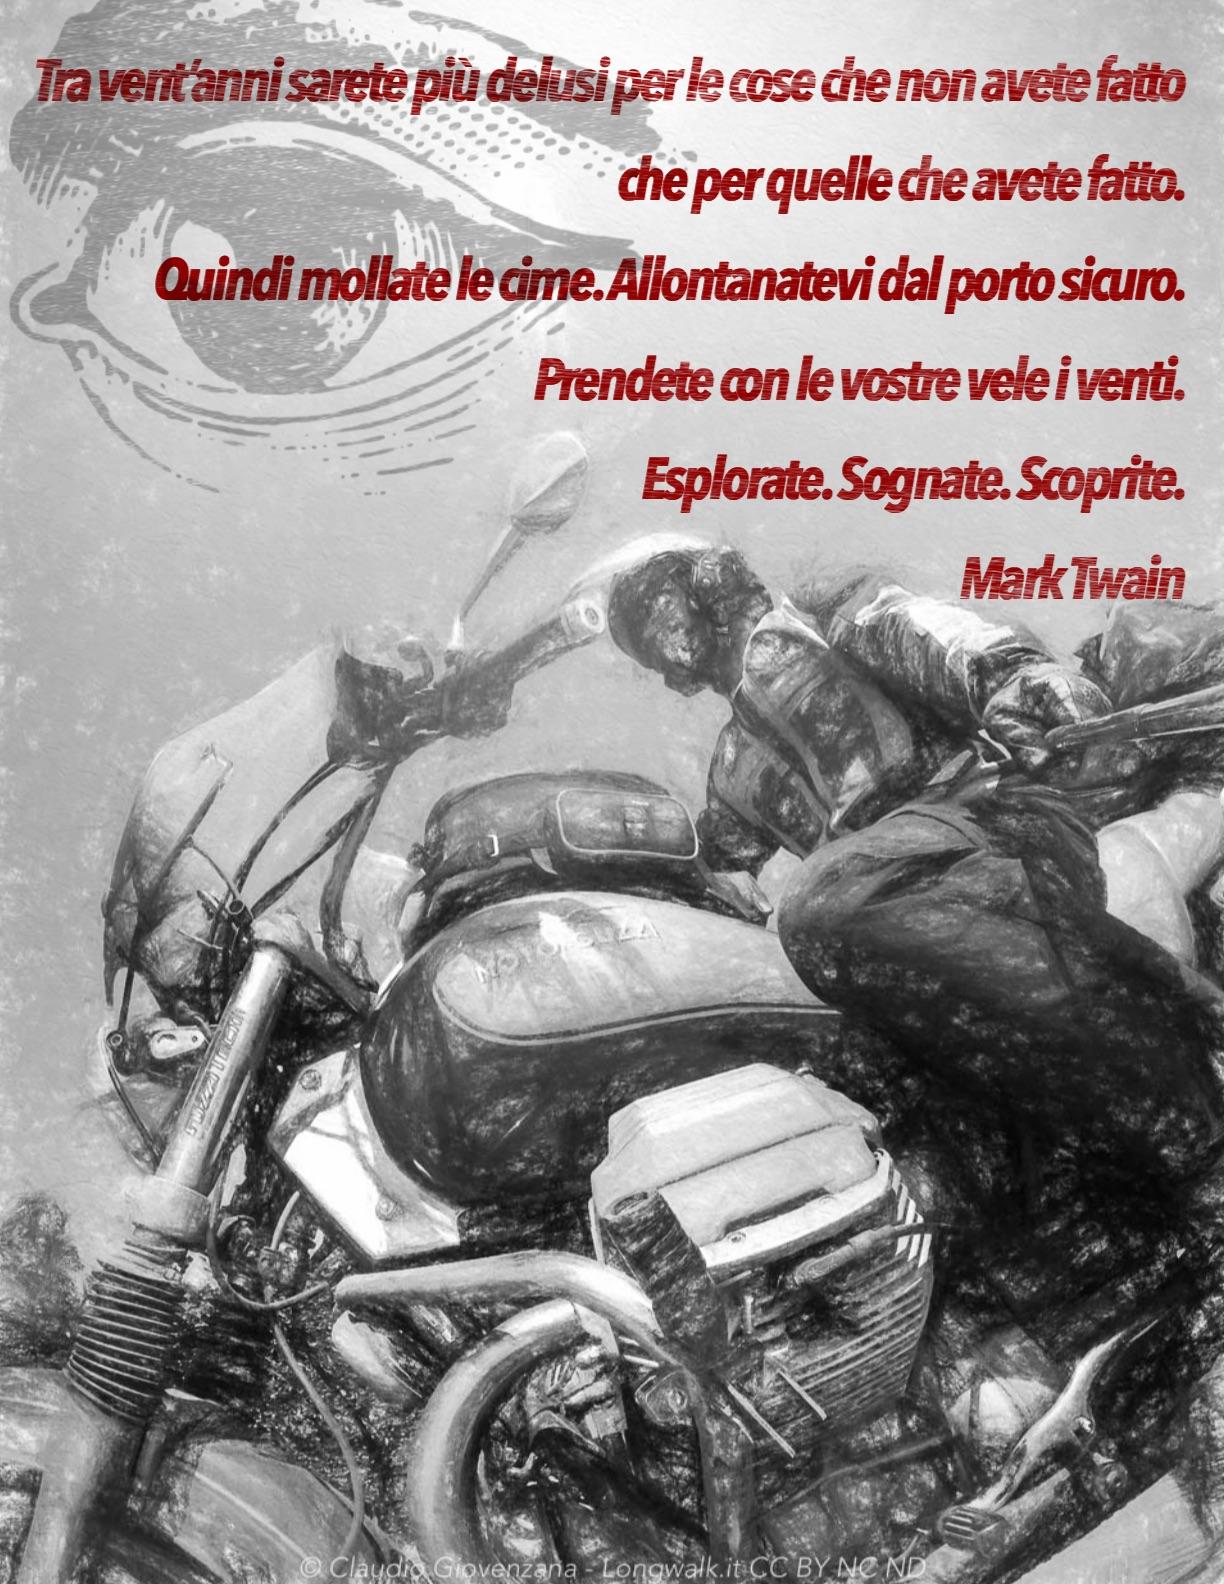 Guzzi Claudio Giovenzana Aforisma Mark Twain